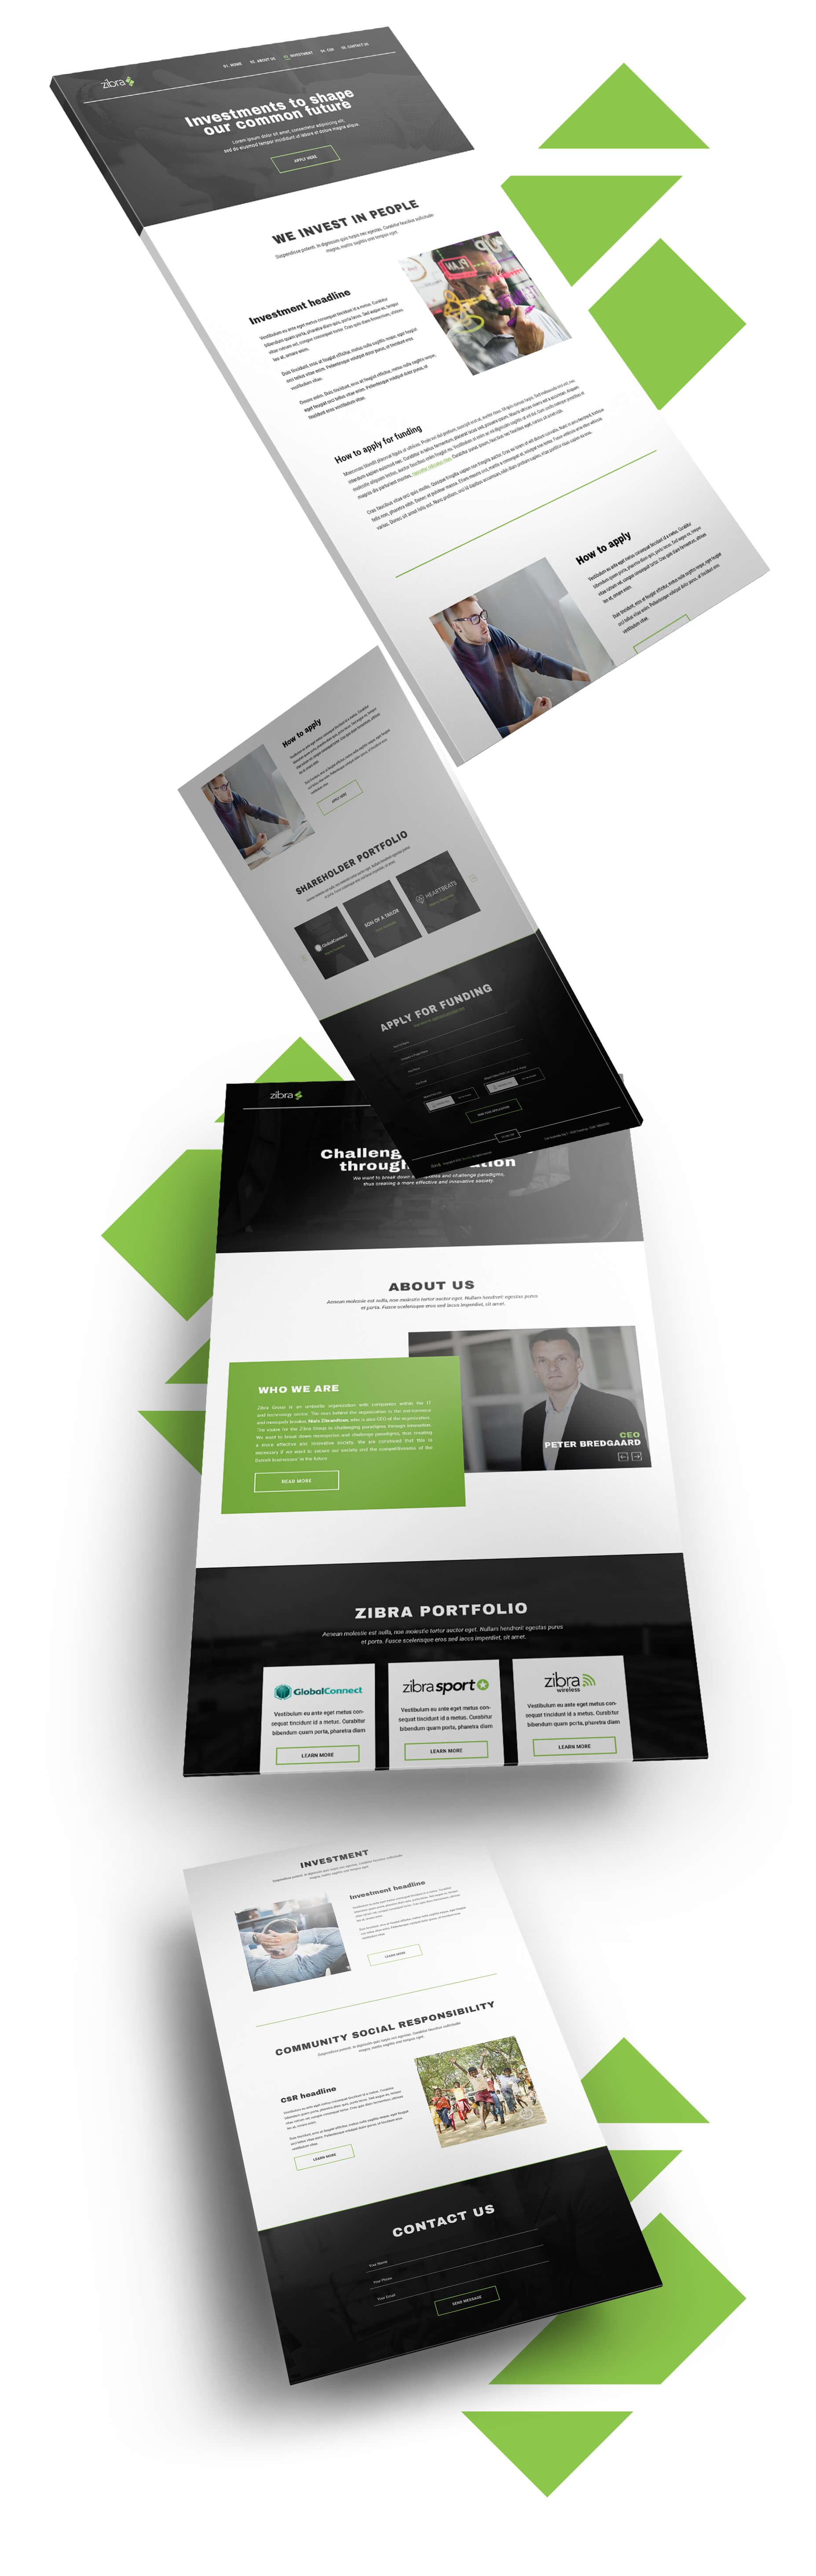 Zibra webdesign Showcase